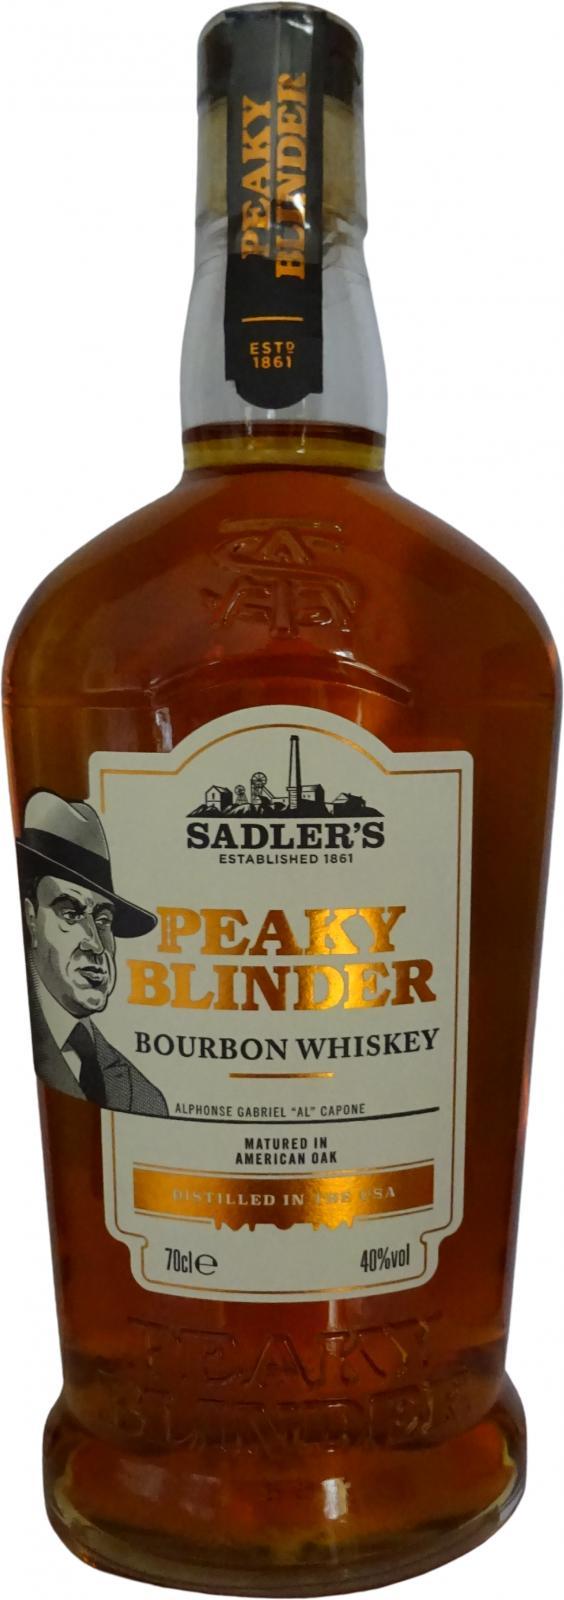 Peaky Blinder Bourbon Whiskey Sad